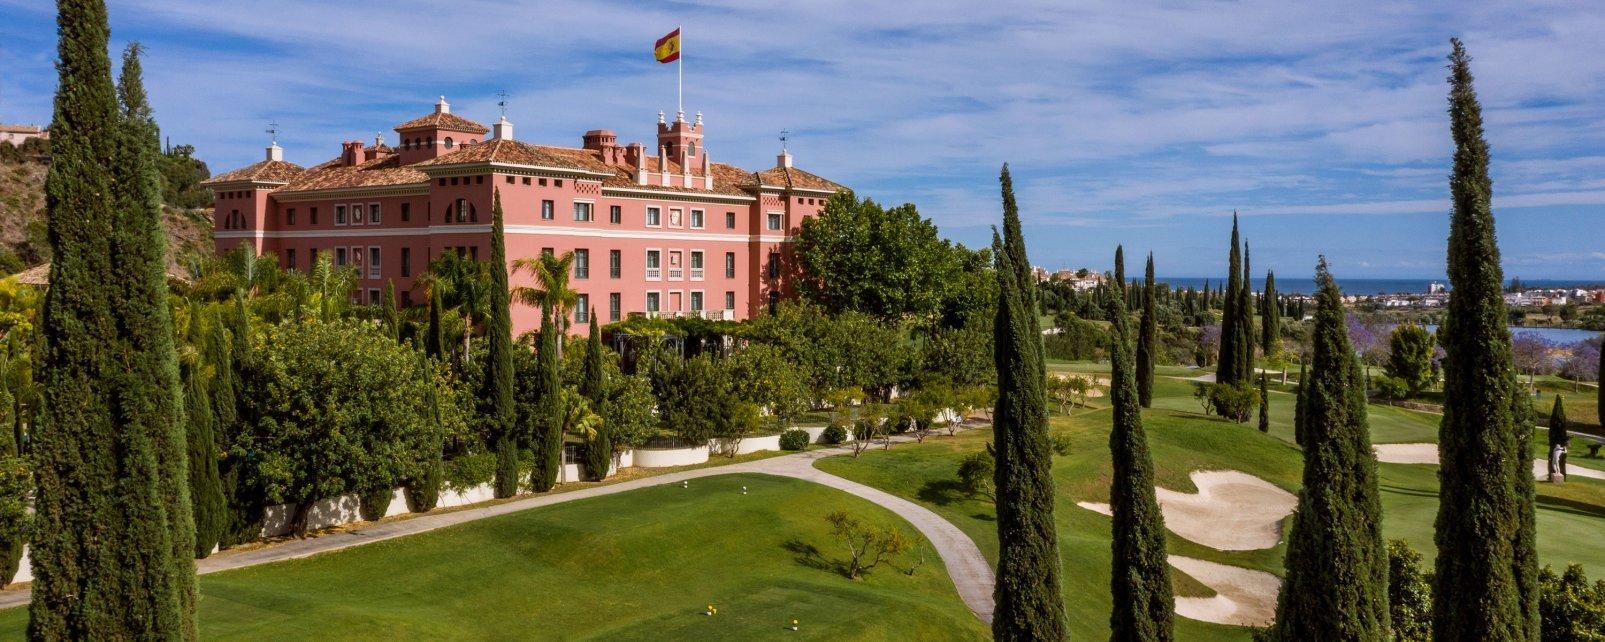 Hôtel Anantara Villa Padierna Palace Benahavis Marbella Resort